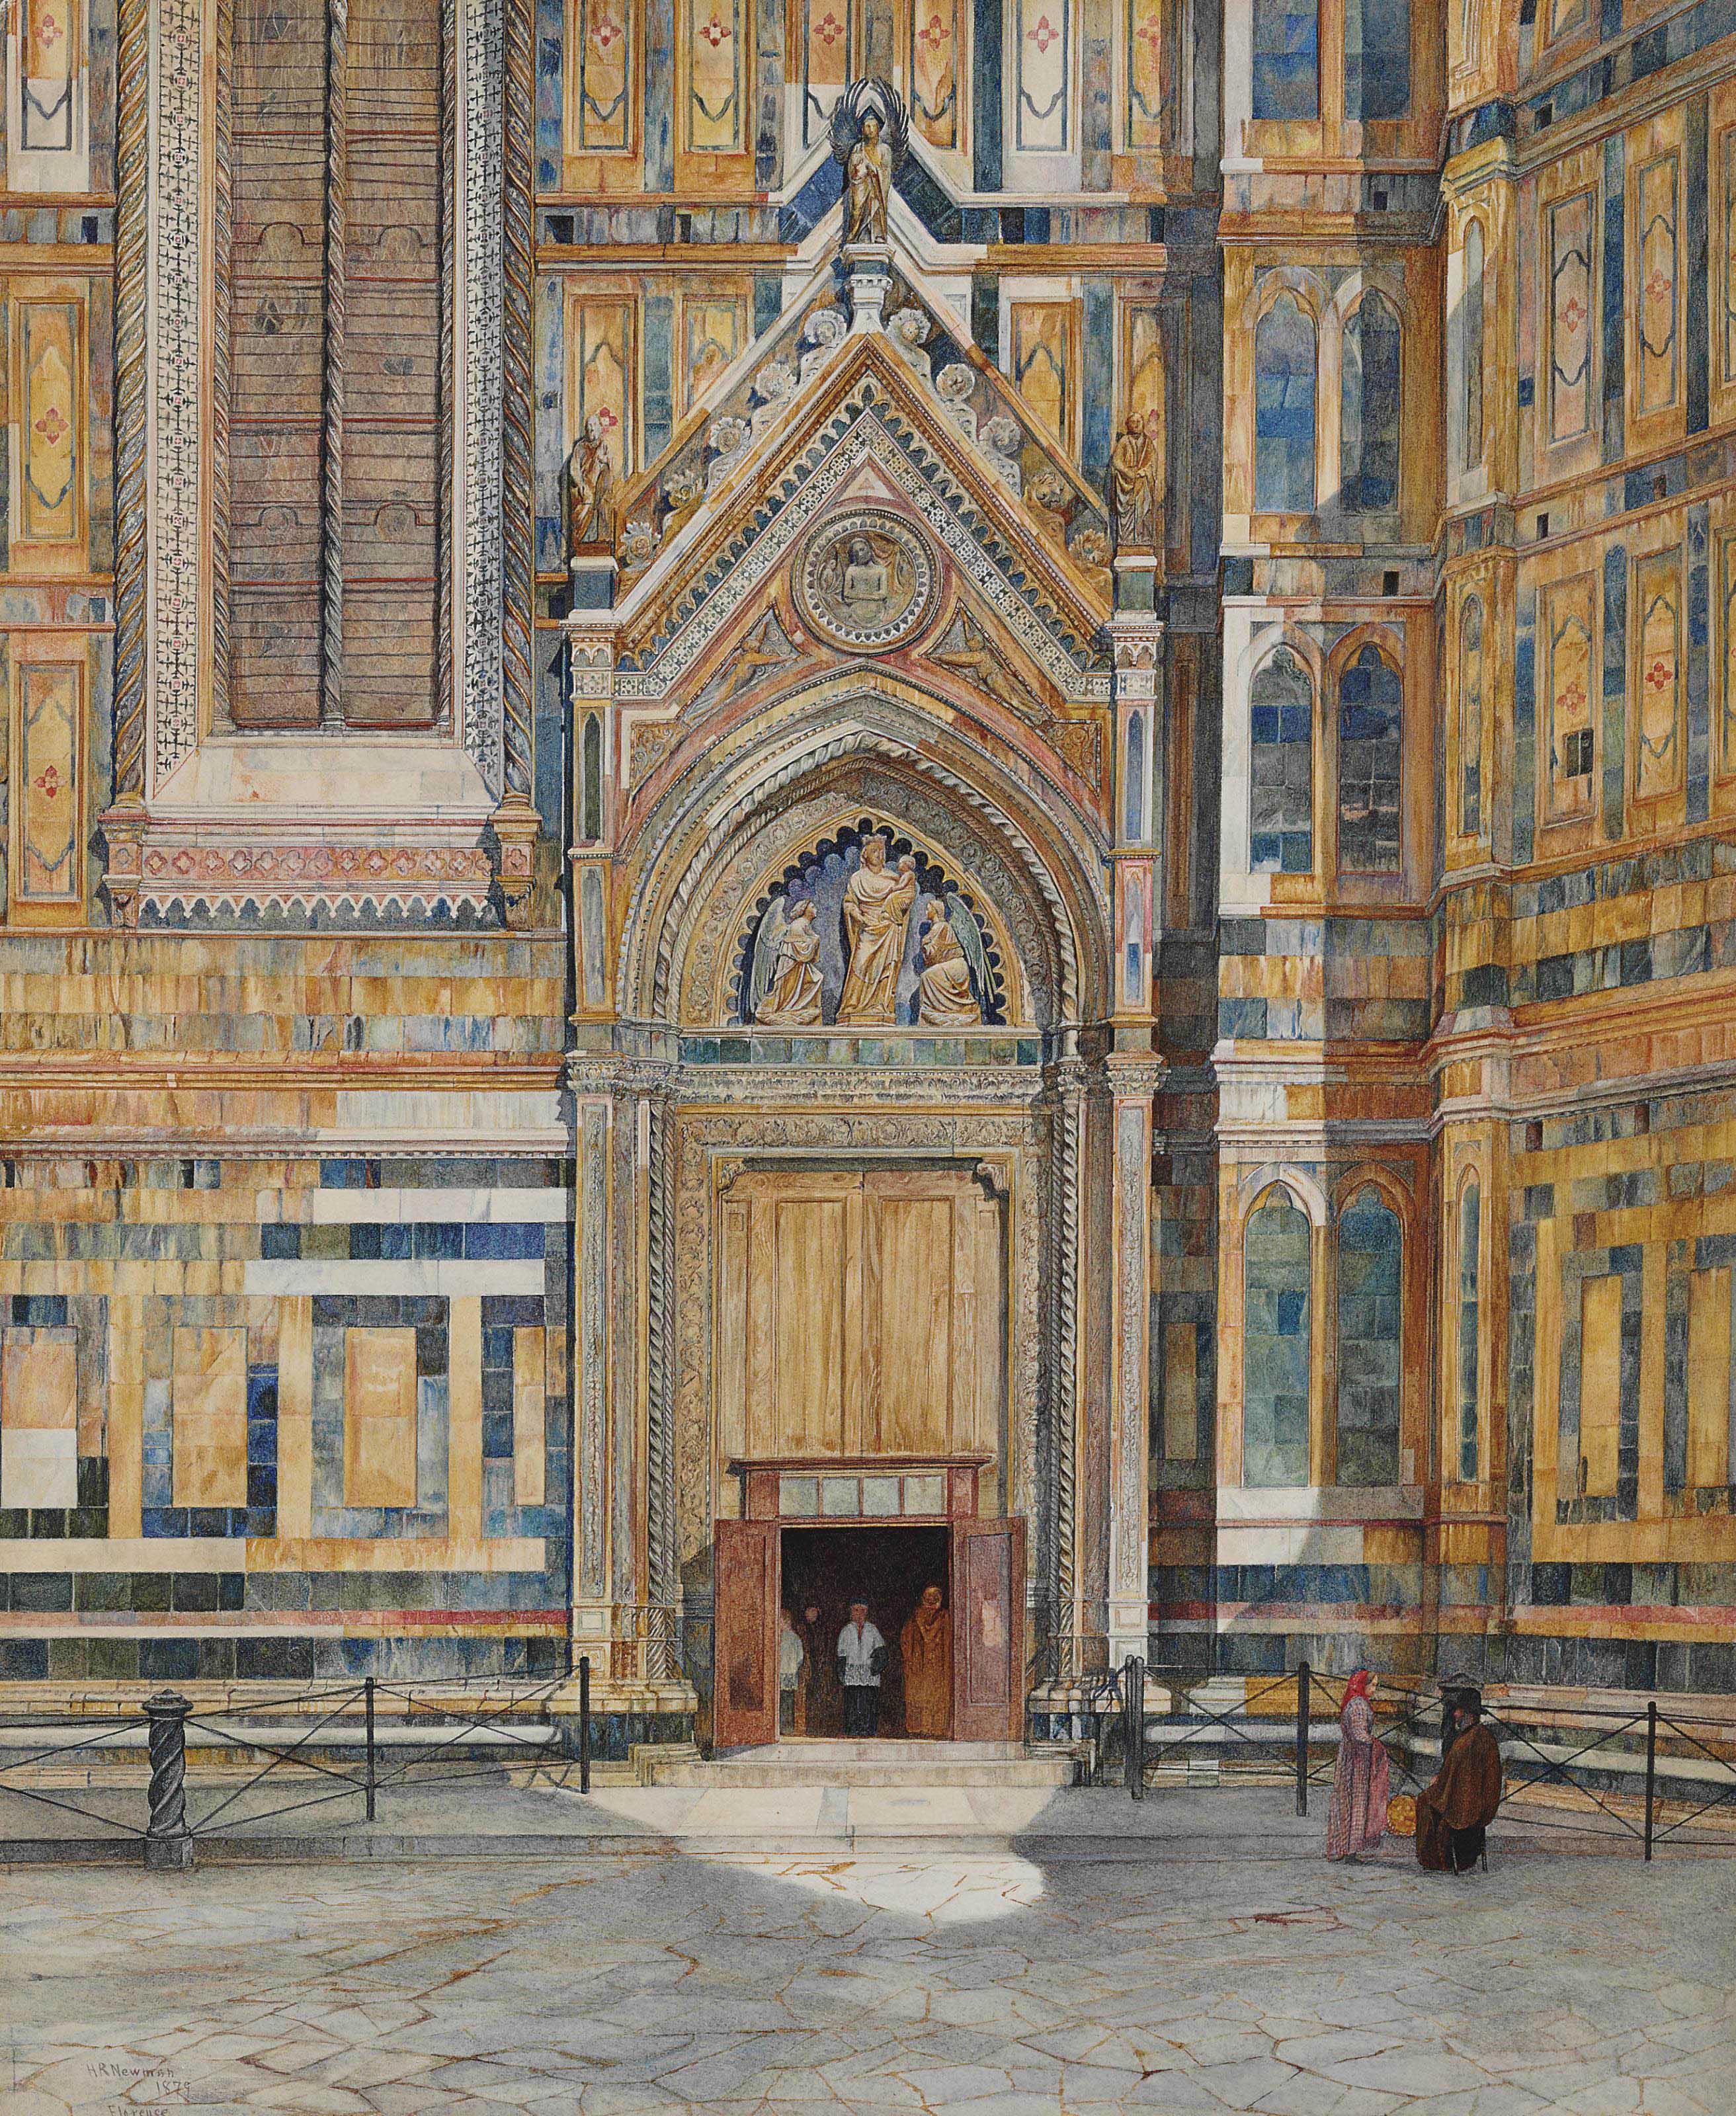 Porta dei Canonici, Duomo, Florence